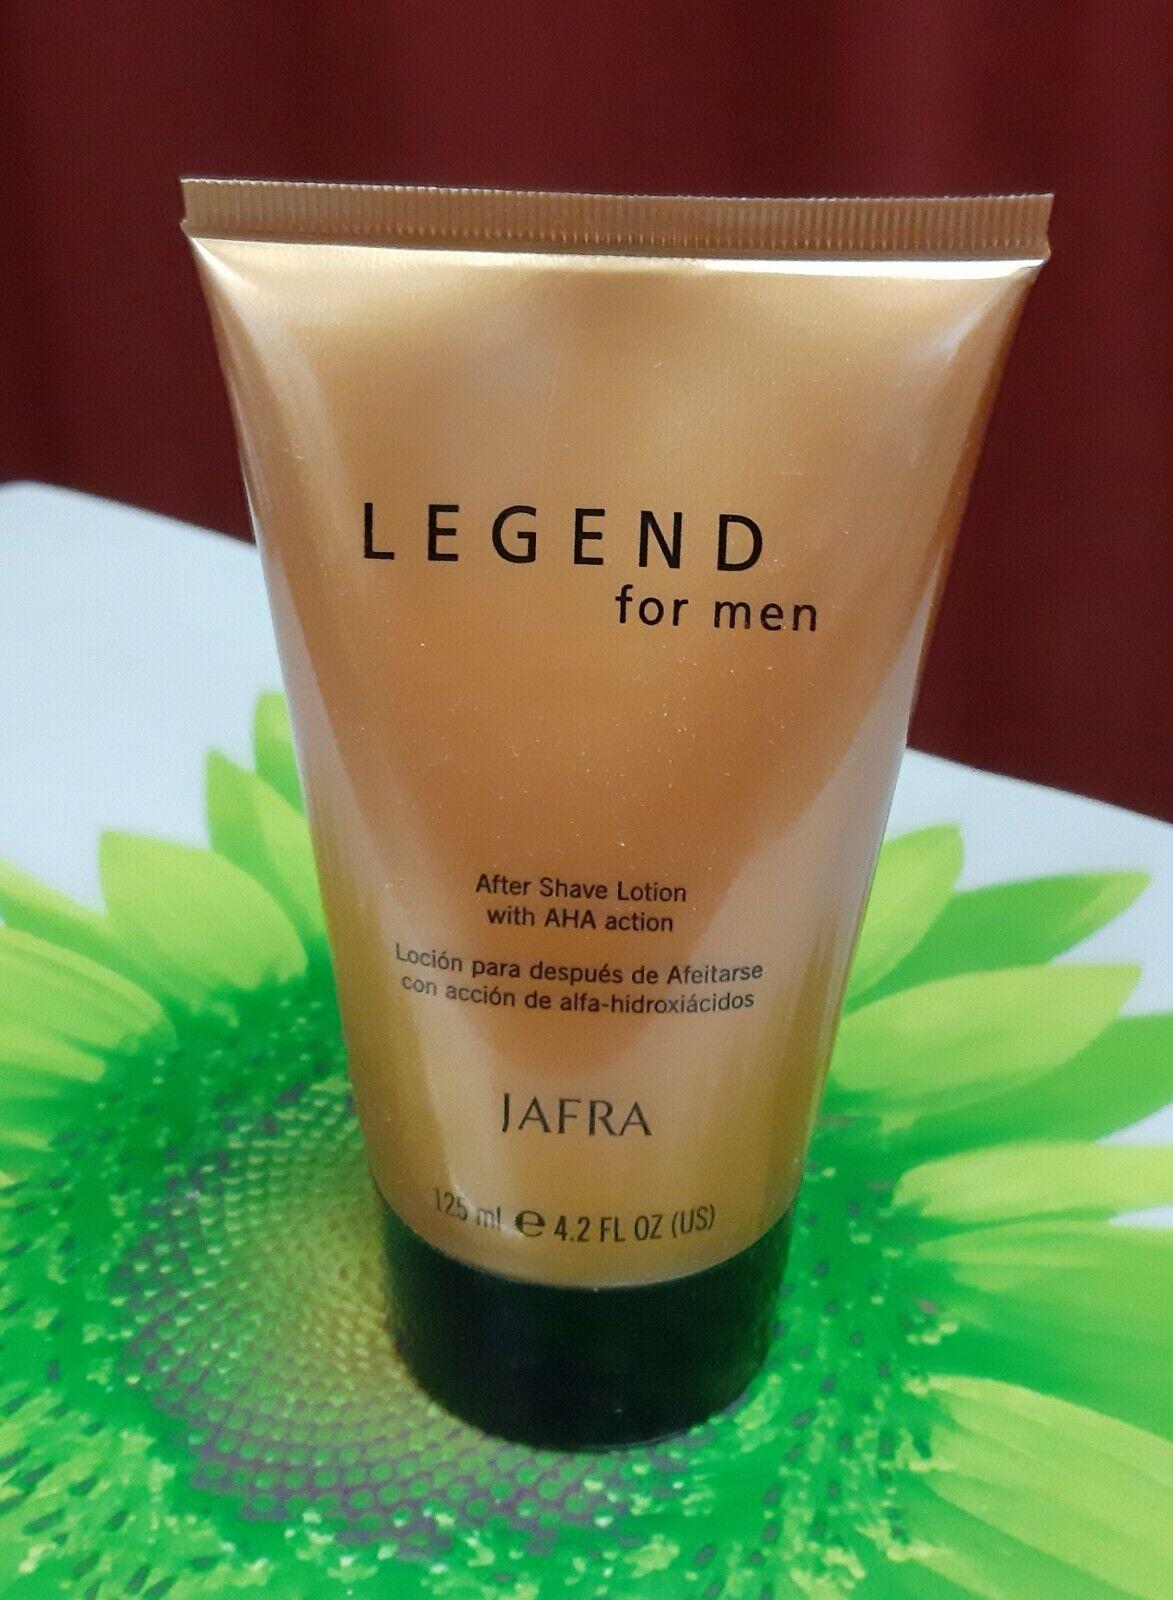 JAFRA Legend After Shave Lotion